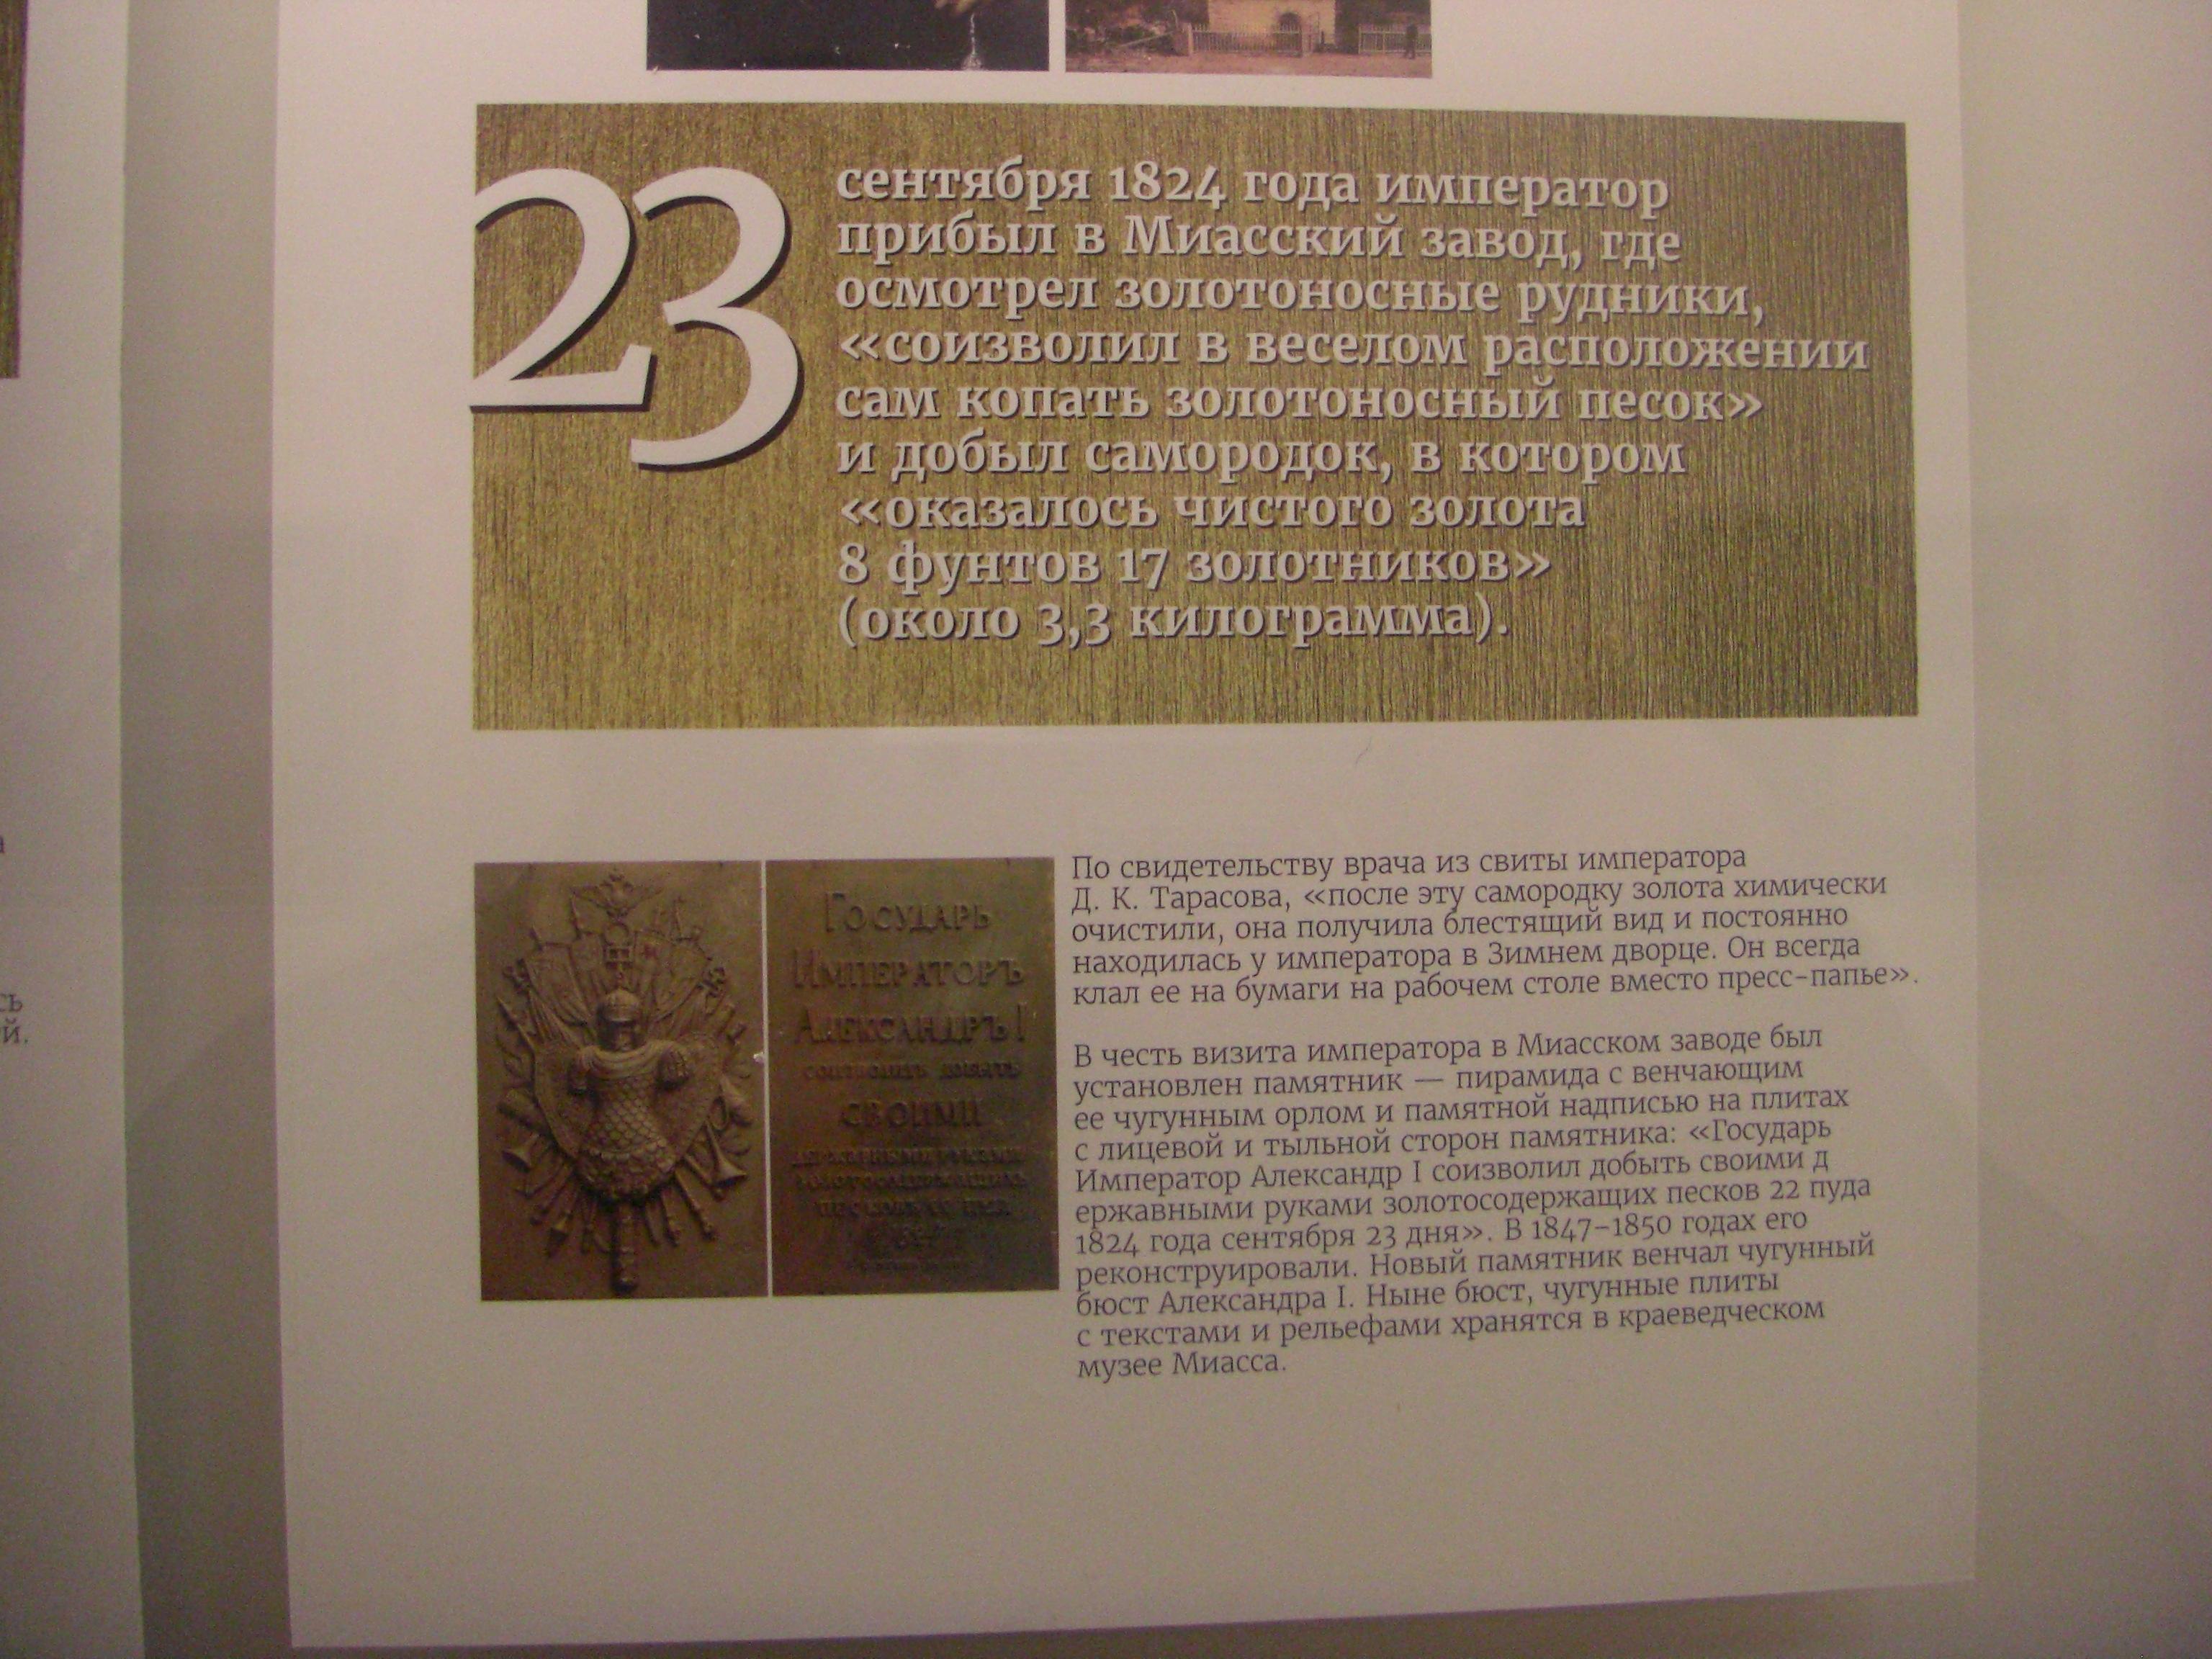 История императорского самородка и памятника Александру I (12.09.2014)